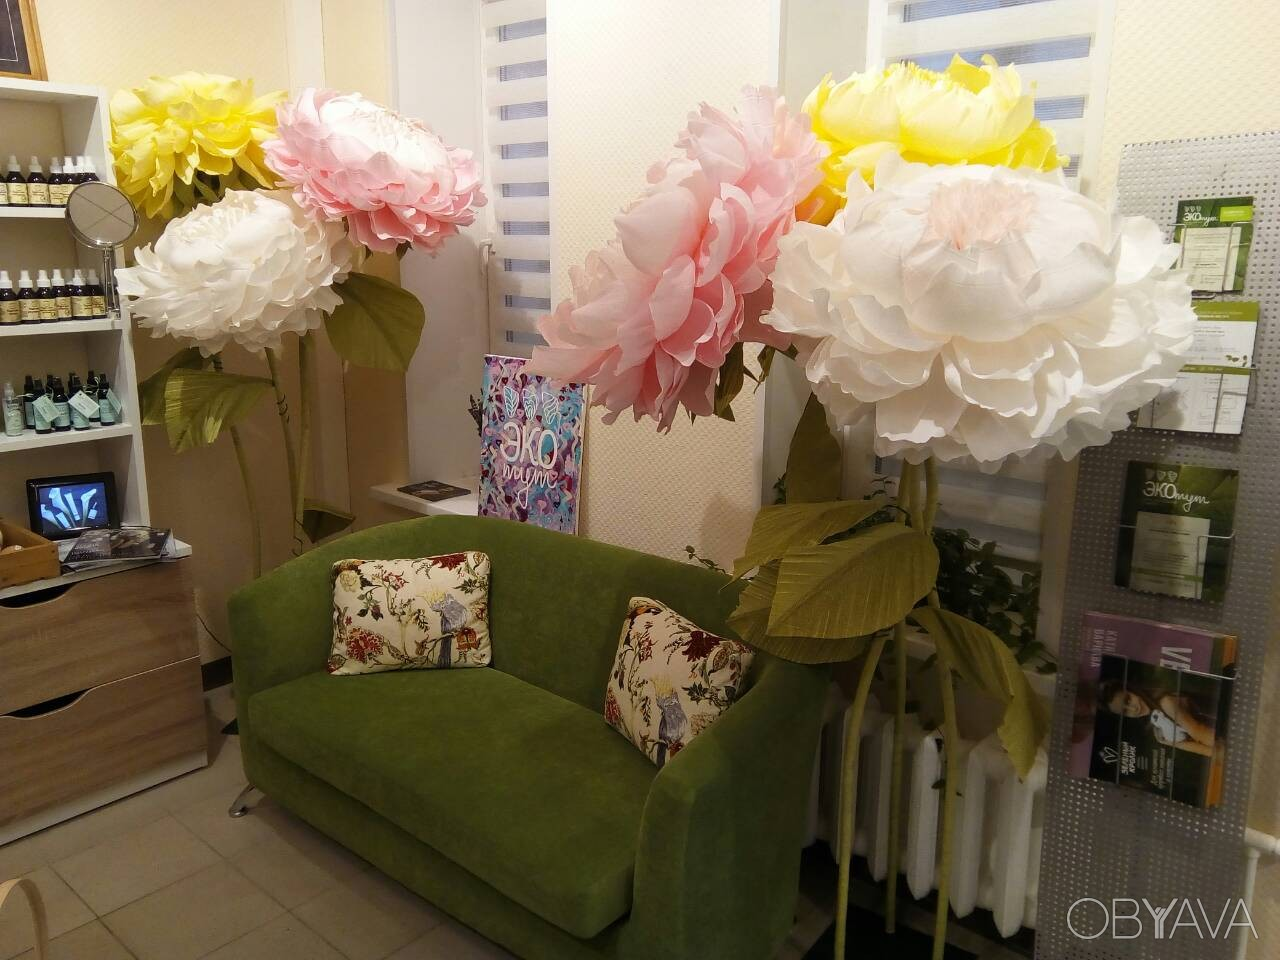 Цветы из бумаги своими руками: 4 мастер-класса, 70 фото и 2 48